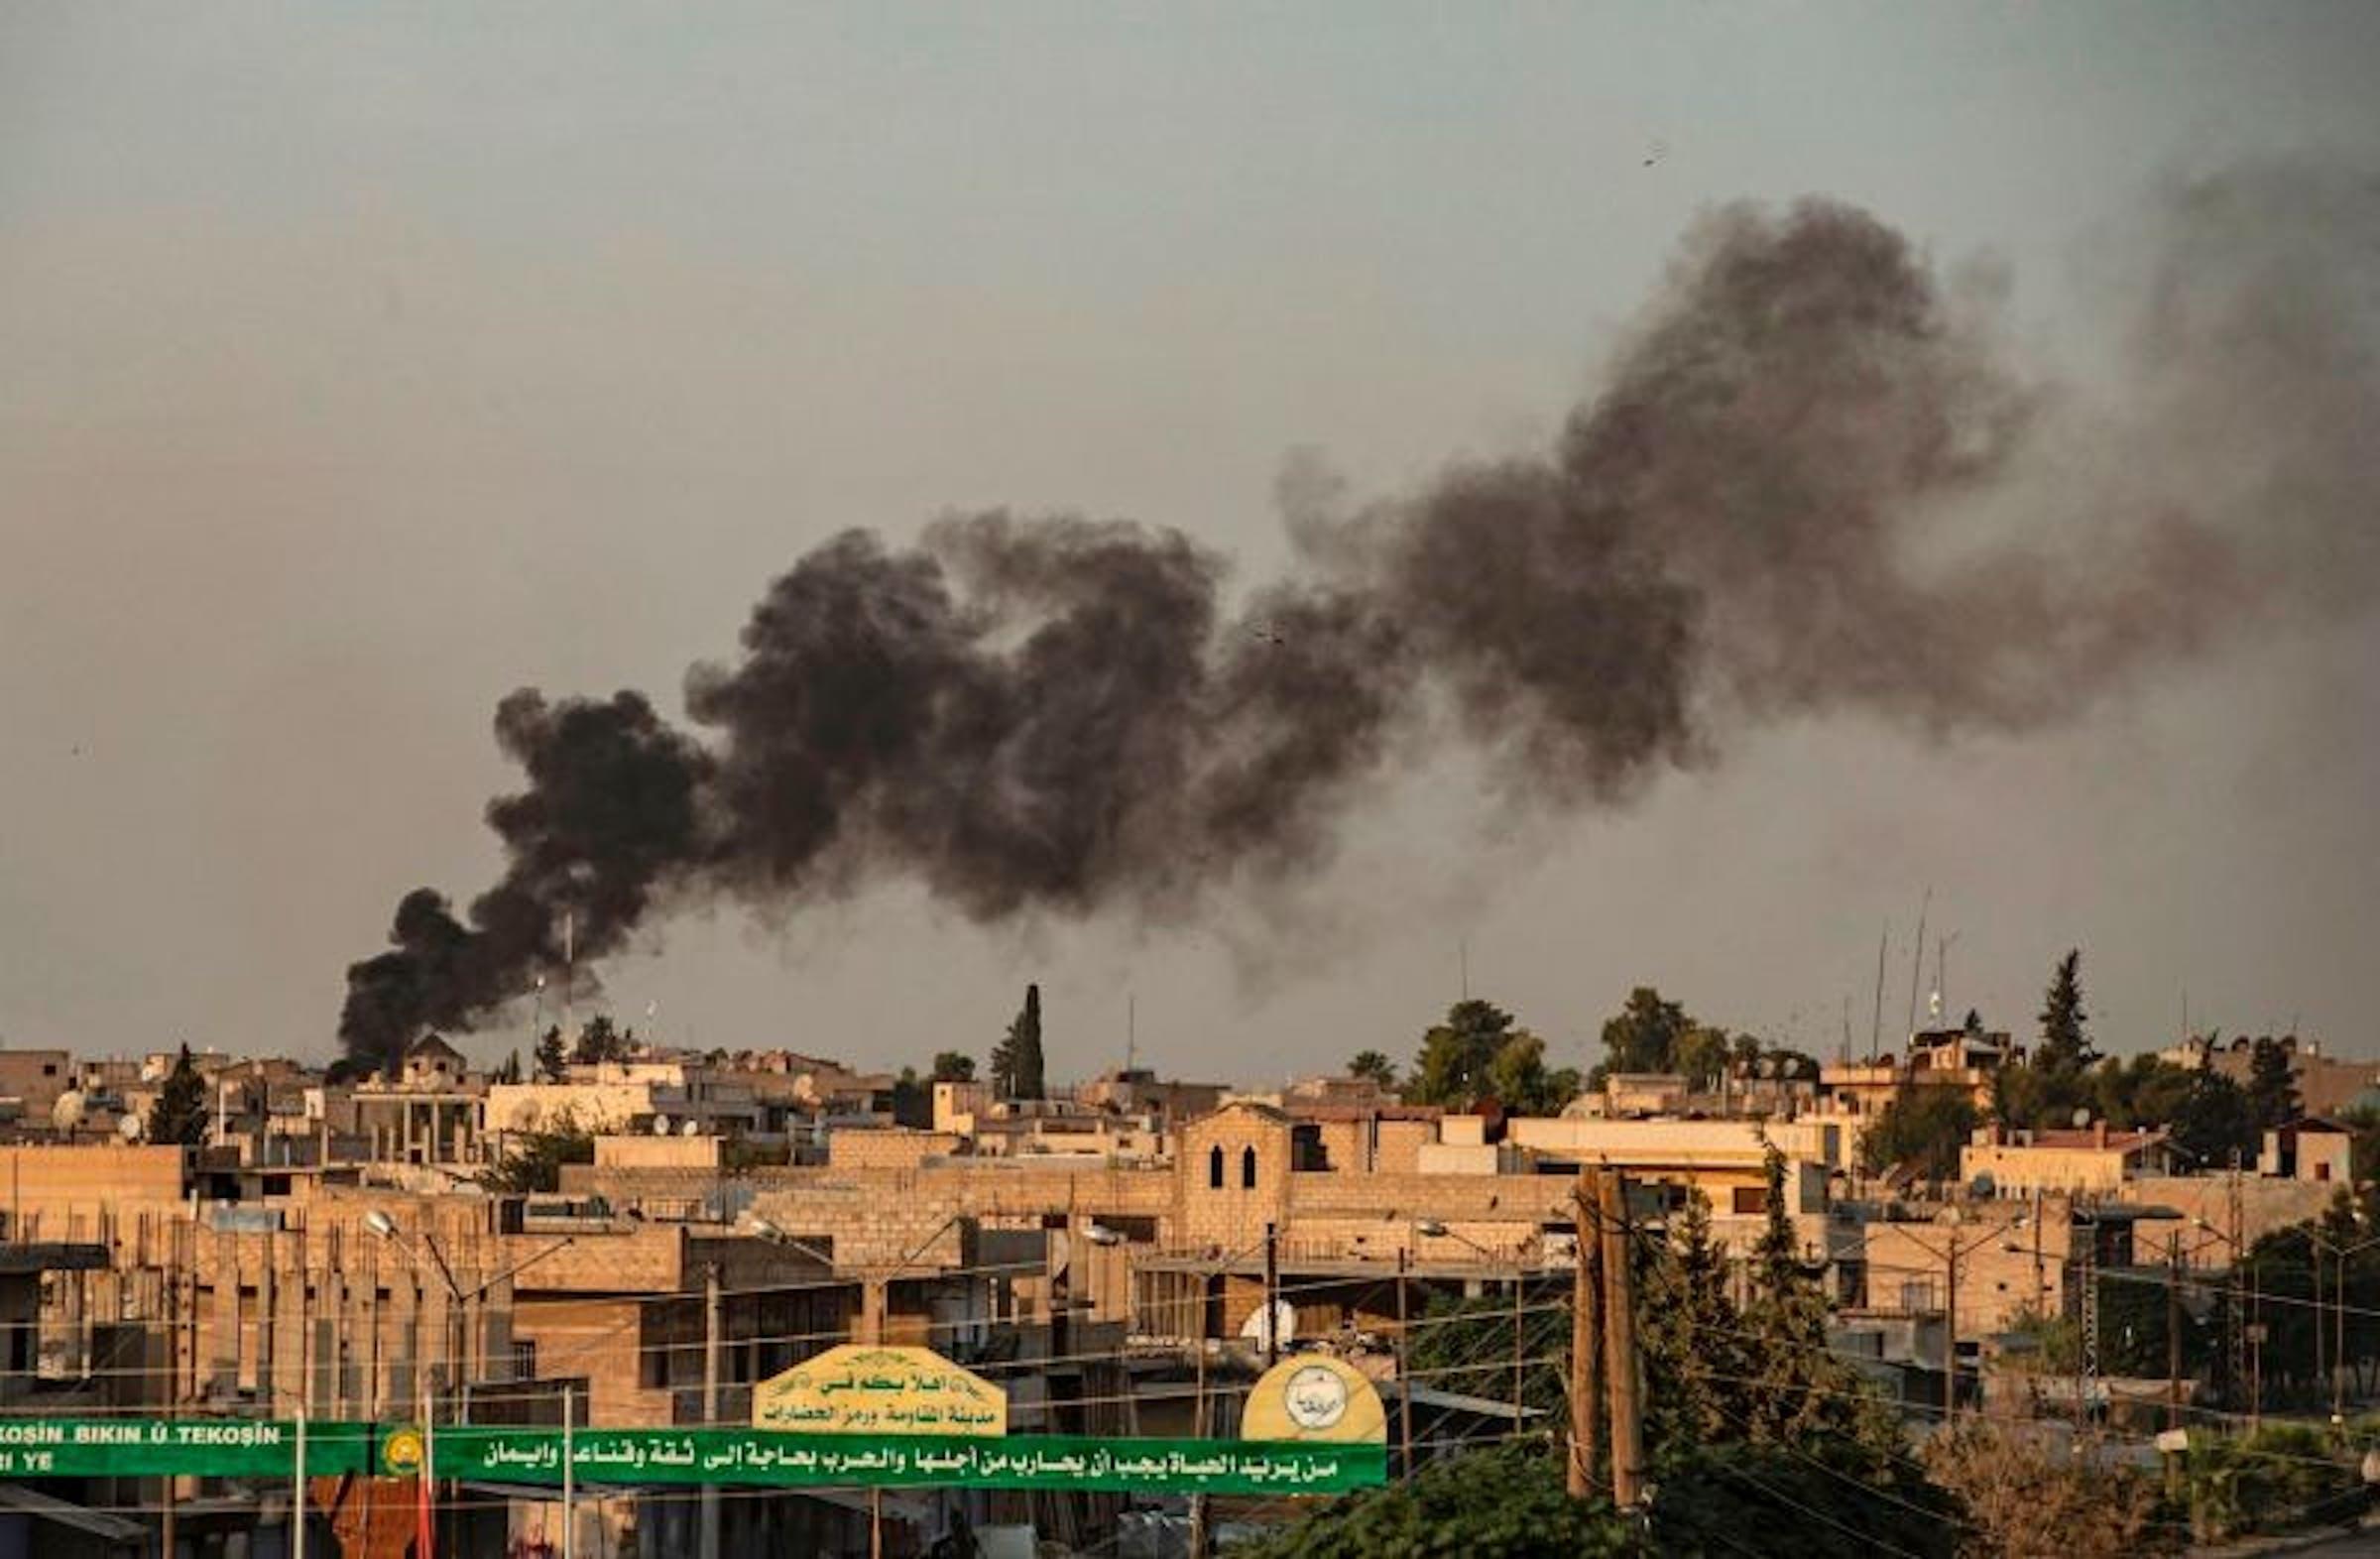 Il fumo dei bombardamenti turchi su Ras al-Ain, nel nord-ovest della Siria sotto controllo delle milizie curde - © Delil Souleiman/AFP